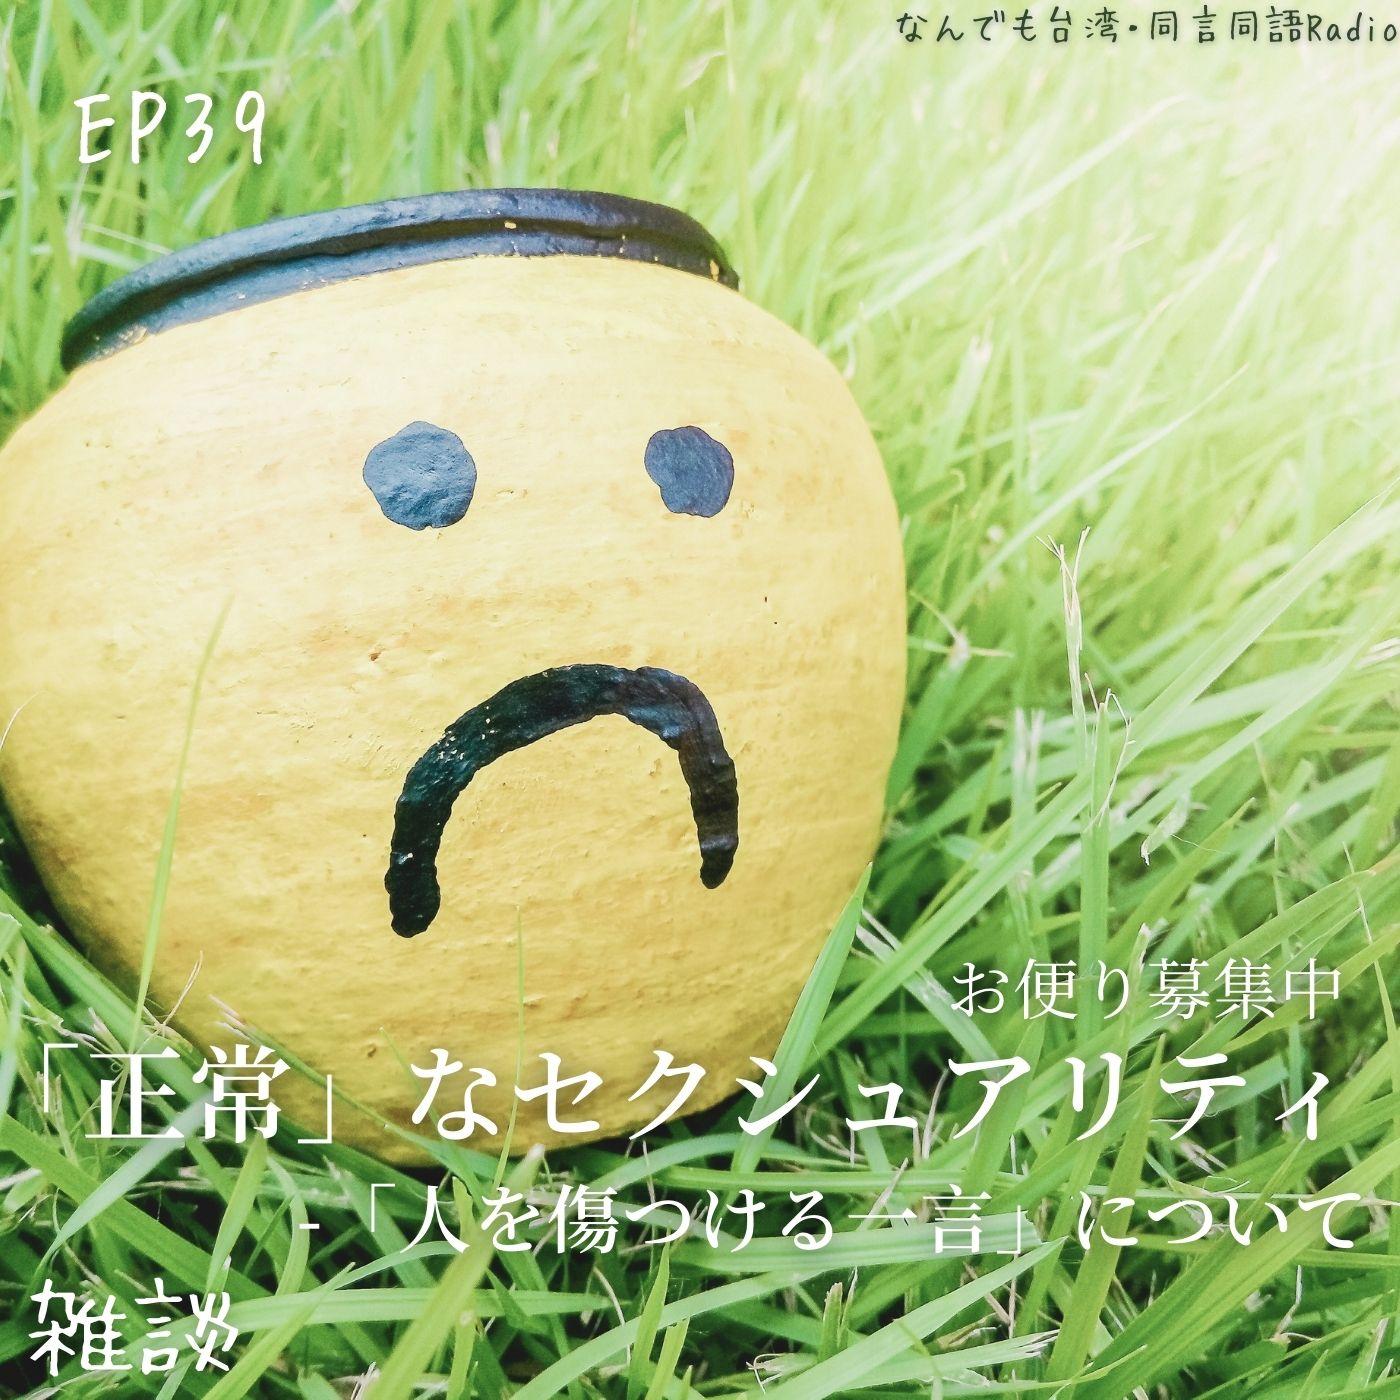 EP39 - (JP)【雑談】一言で傷ついたことありますか?